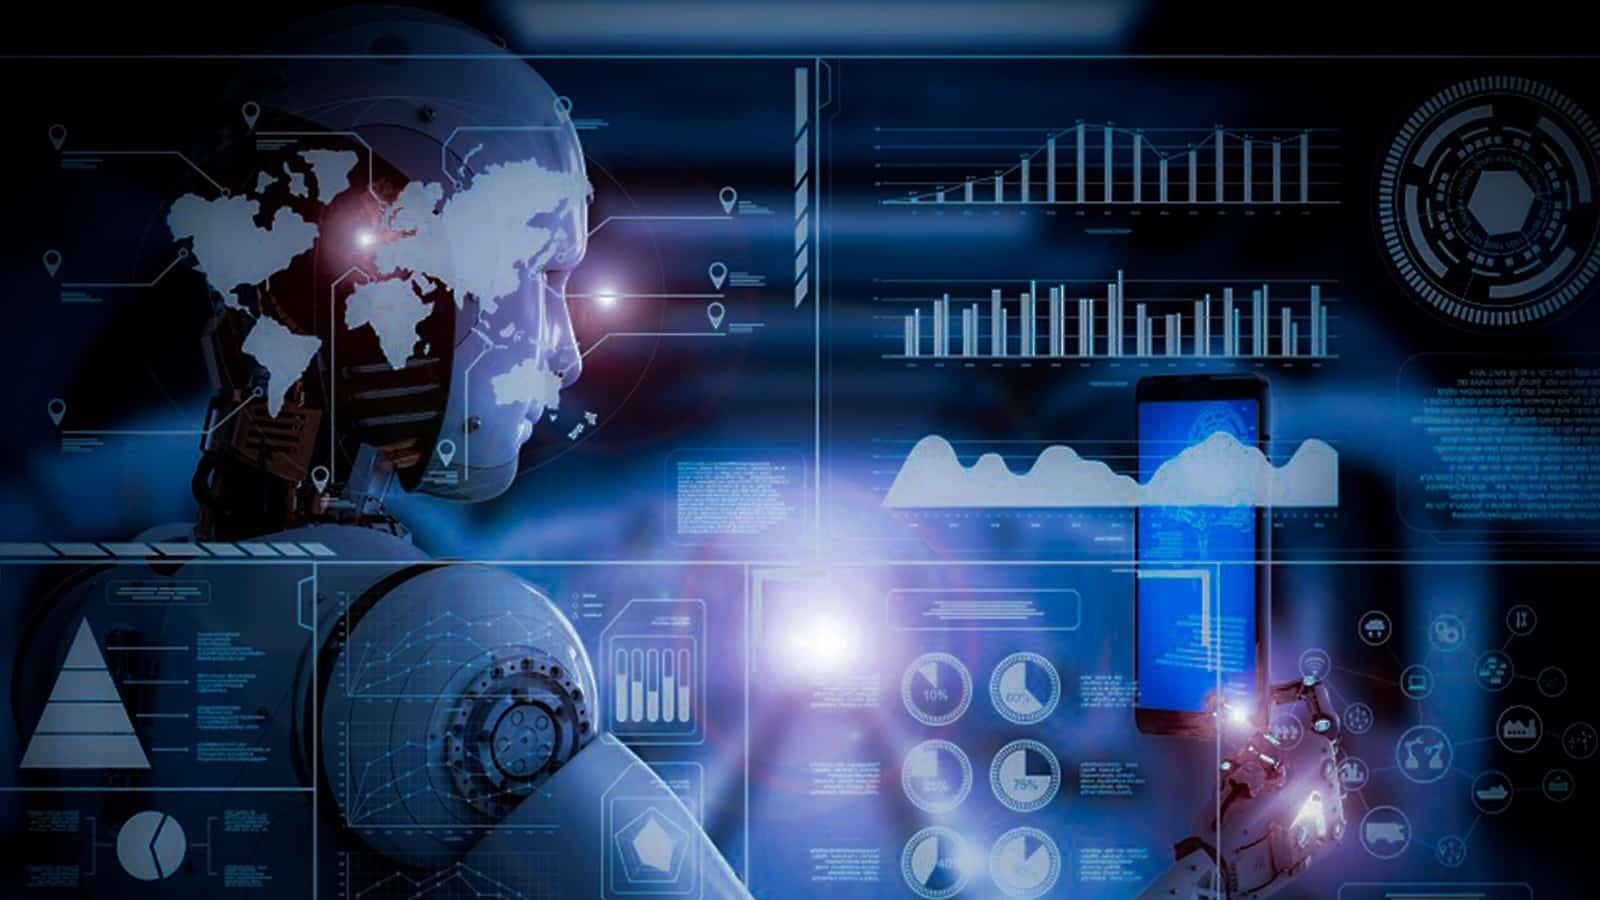 AI Có Quan Trọng Với Sự Thành Công Của Một Doanh Nghiệp 6